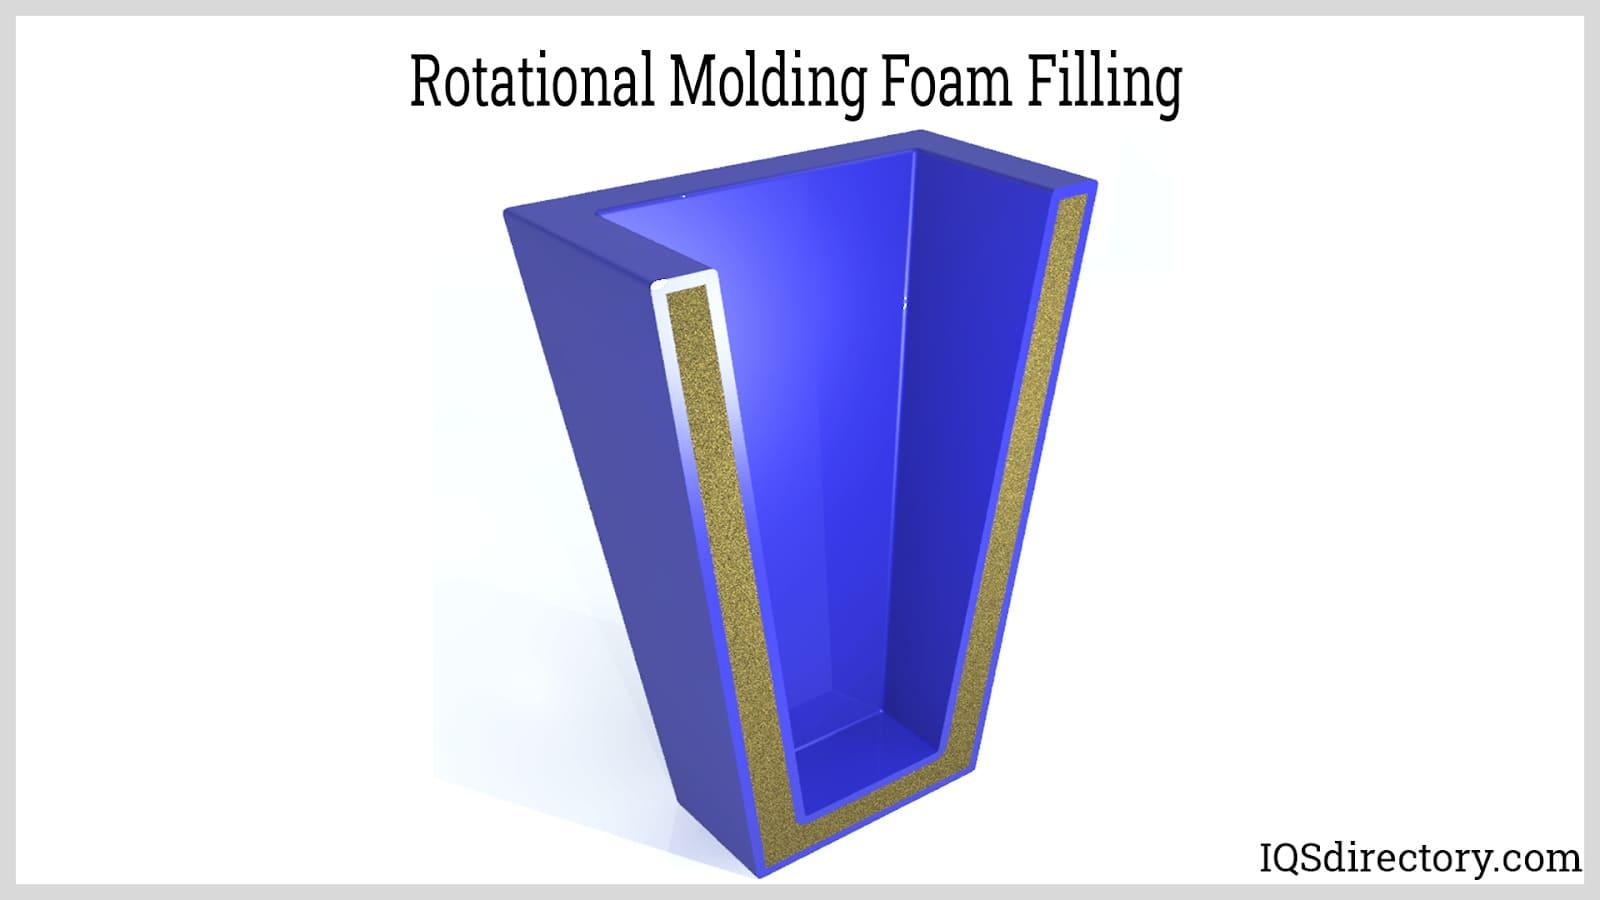 Rotational Molding Foam Filling